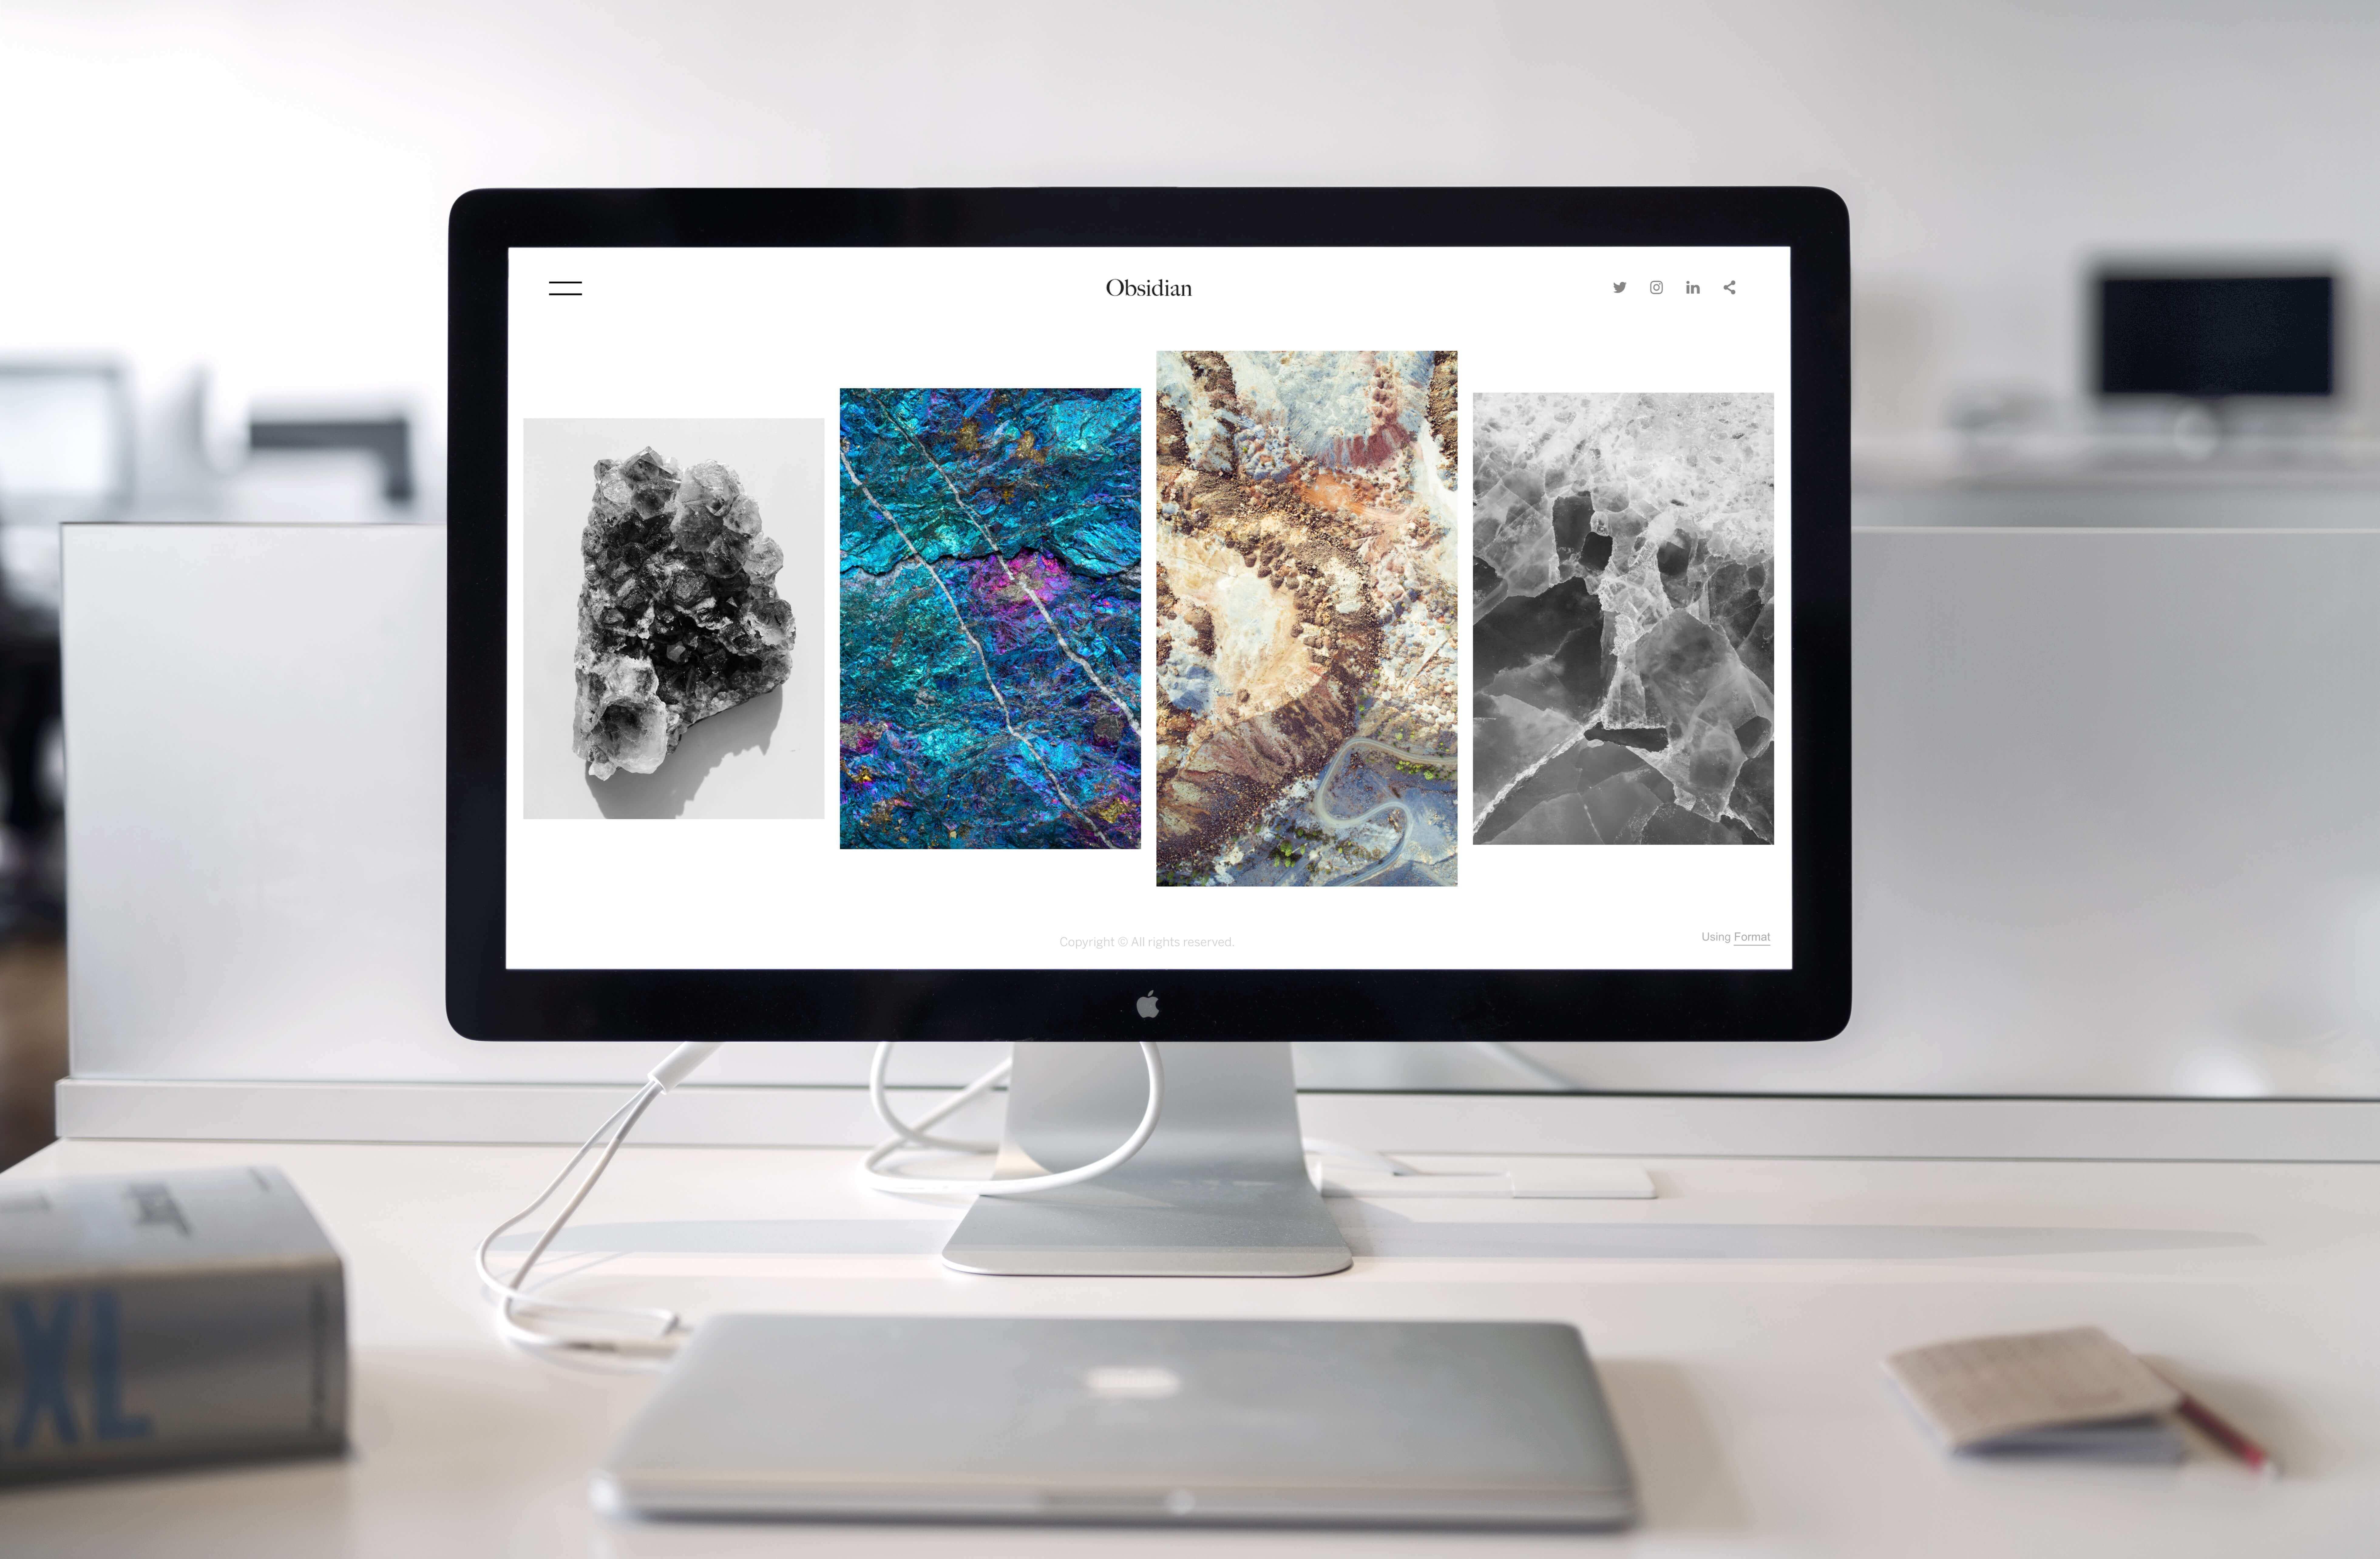 iMac Hero Image